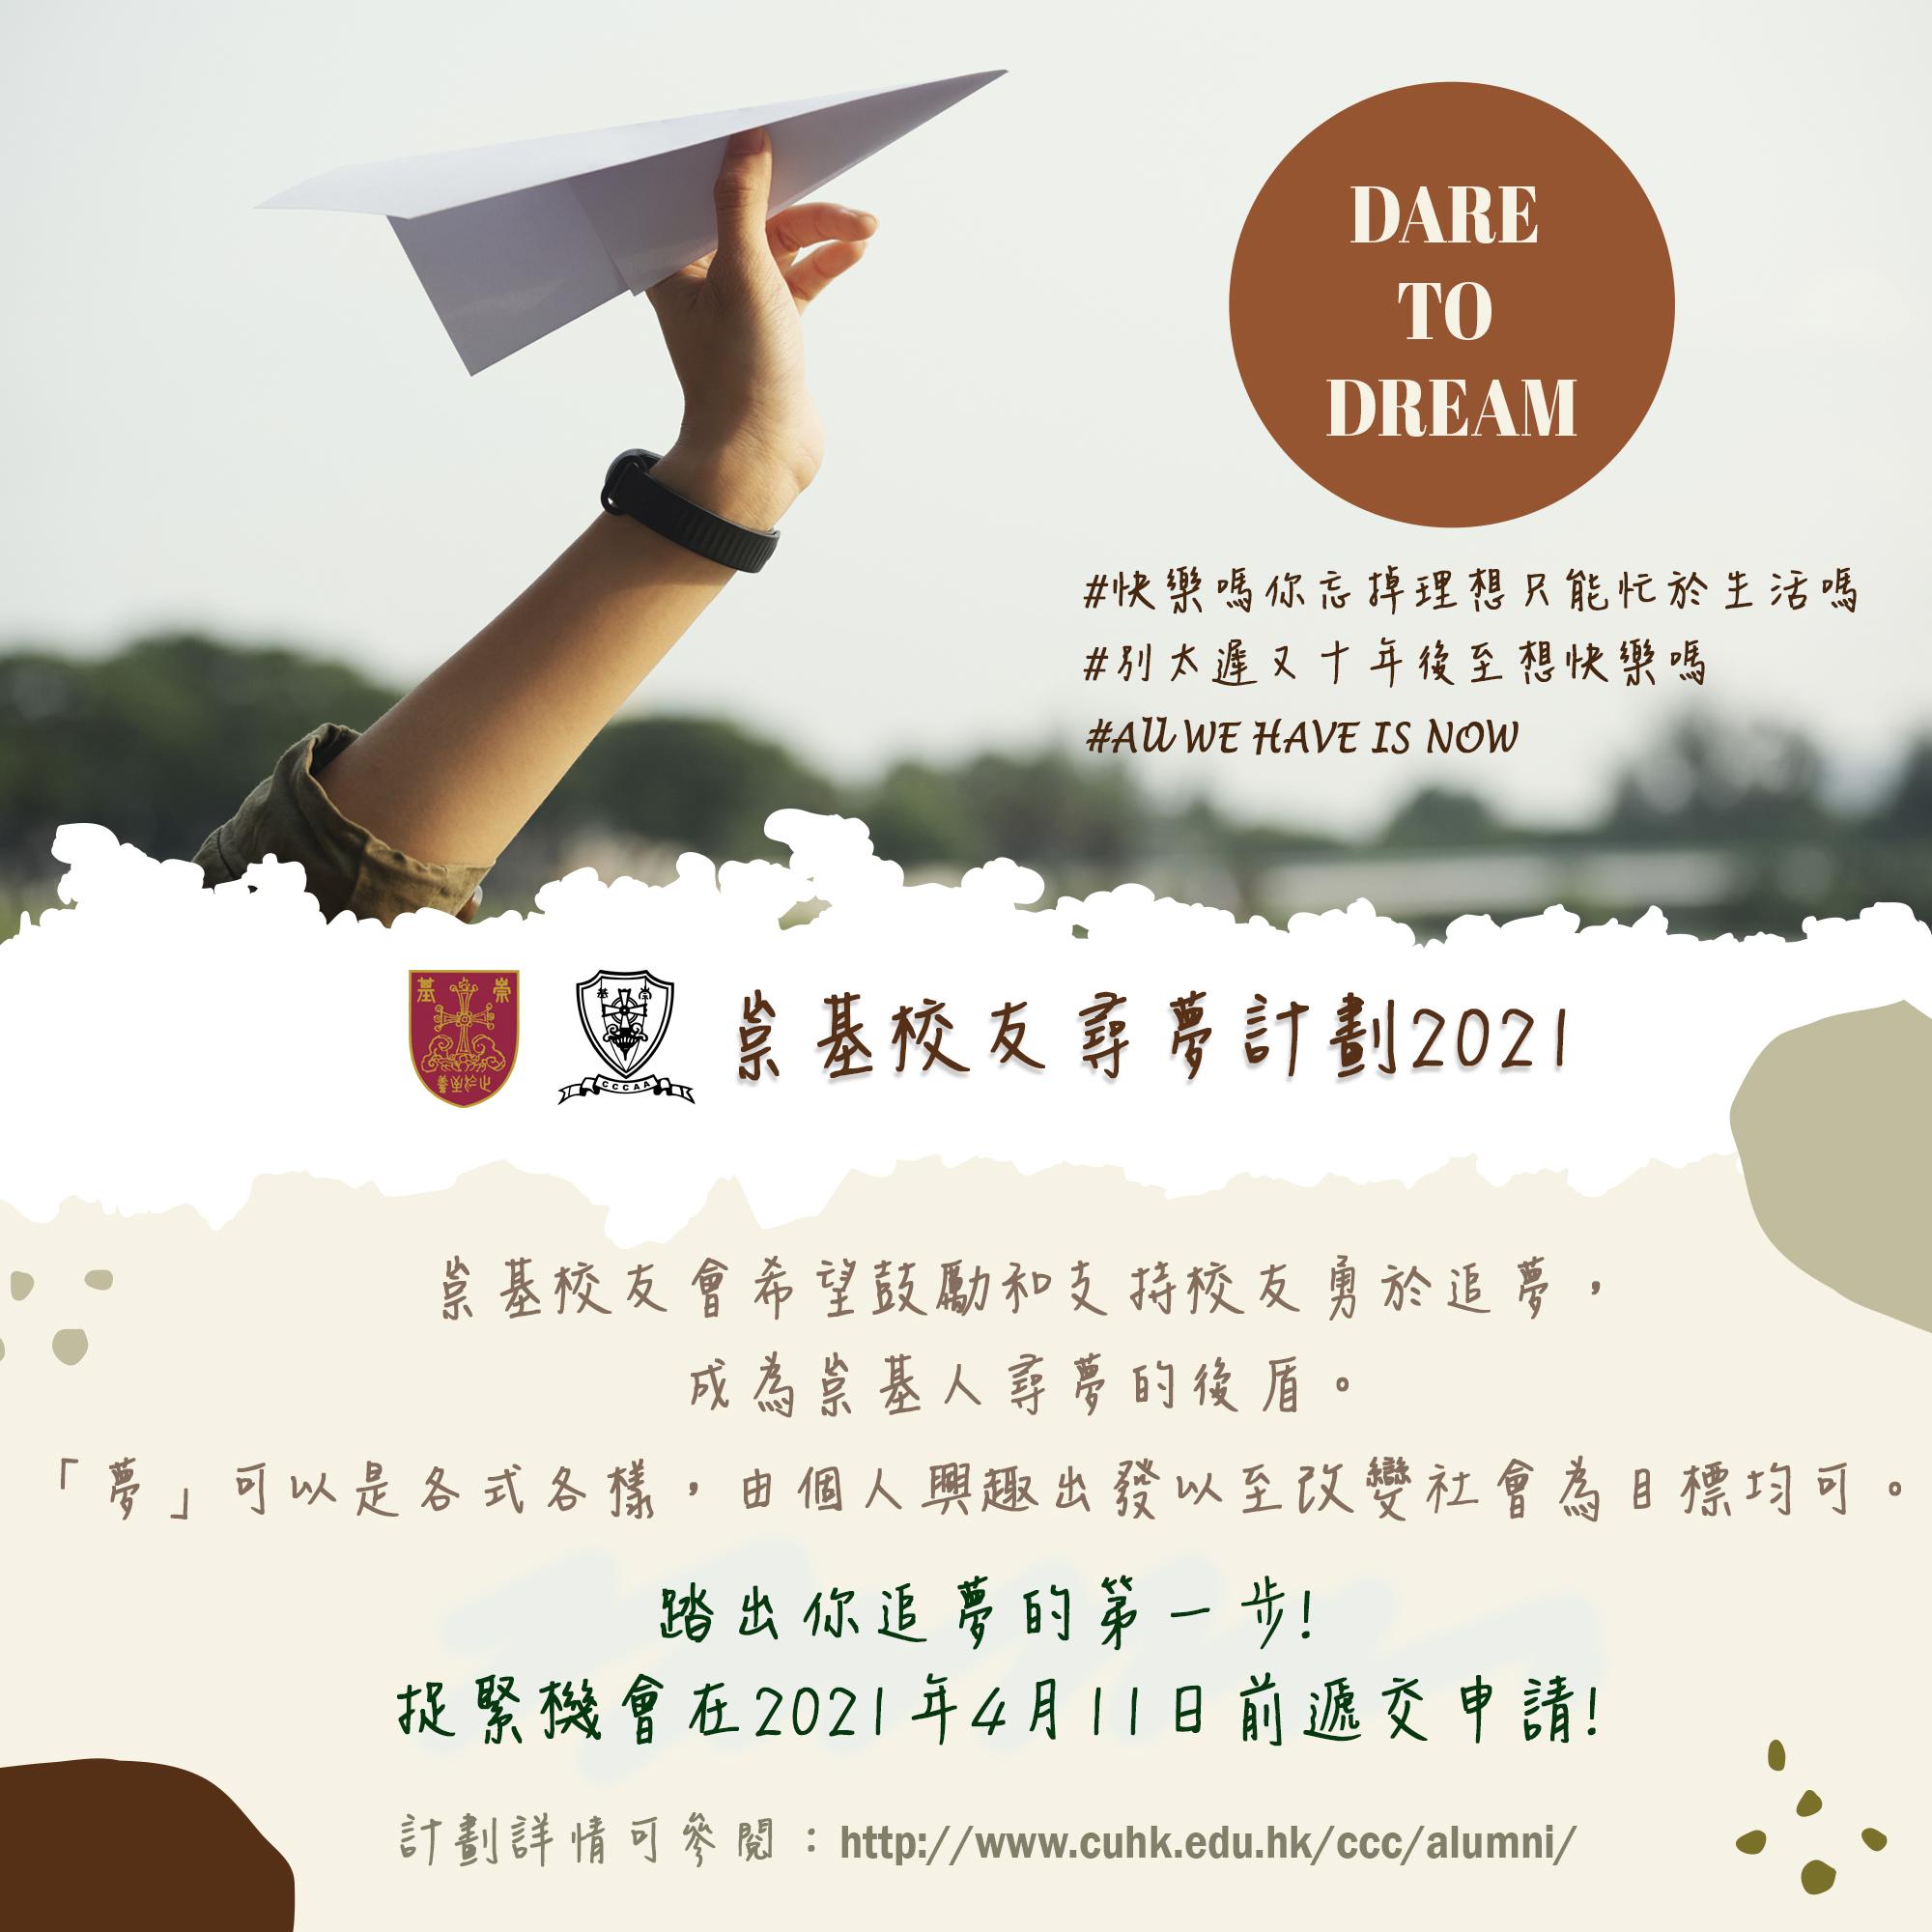 崇基校友尋夢計劃 2021 Chung Chi Alumni Dare to Dream Programme 2021